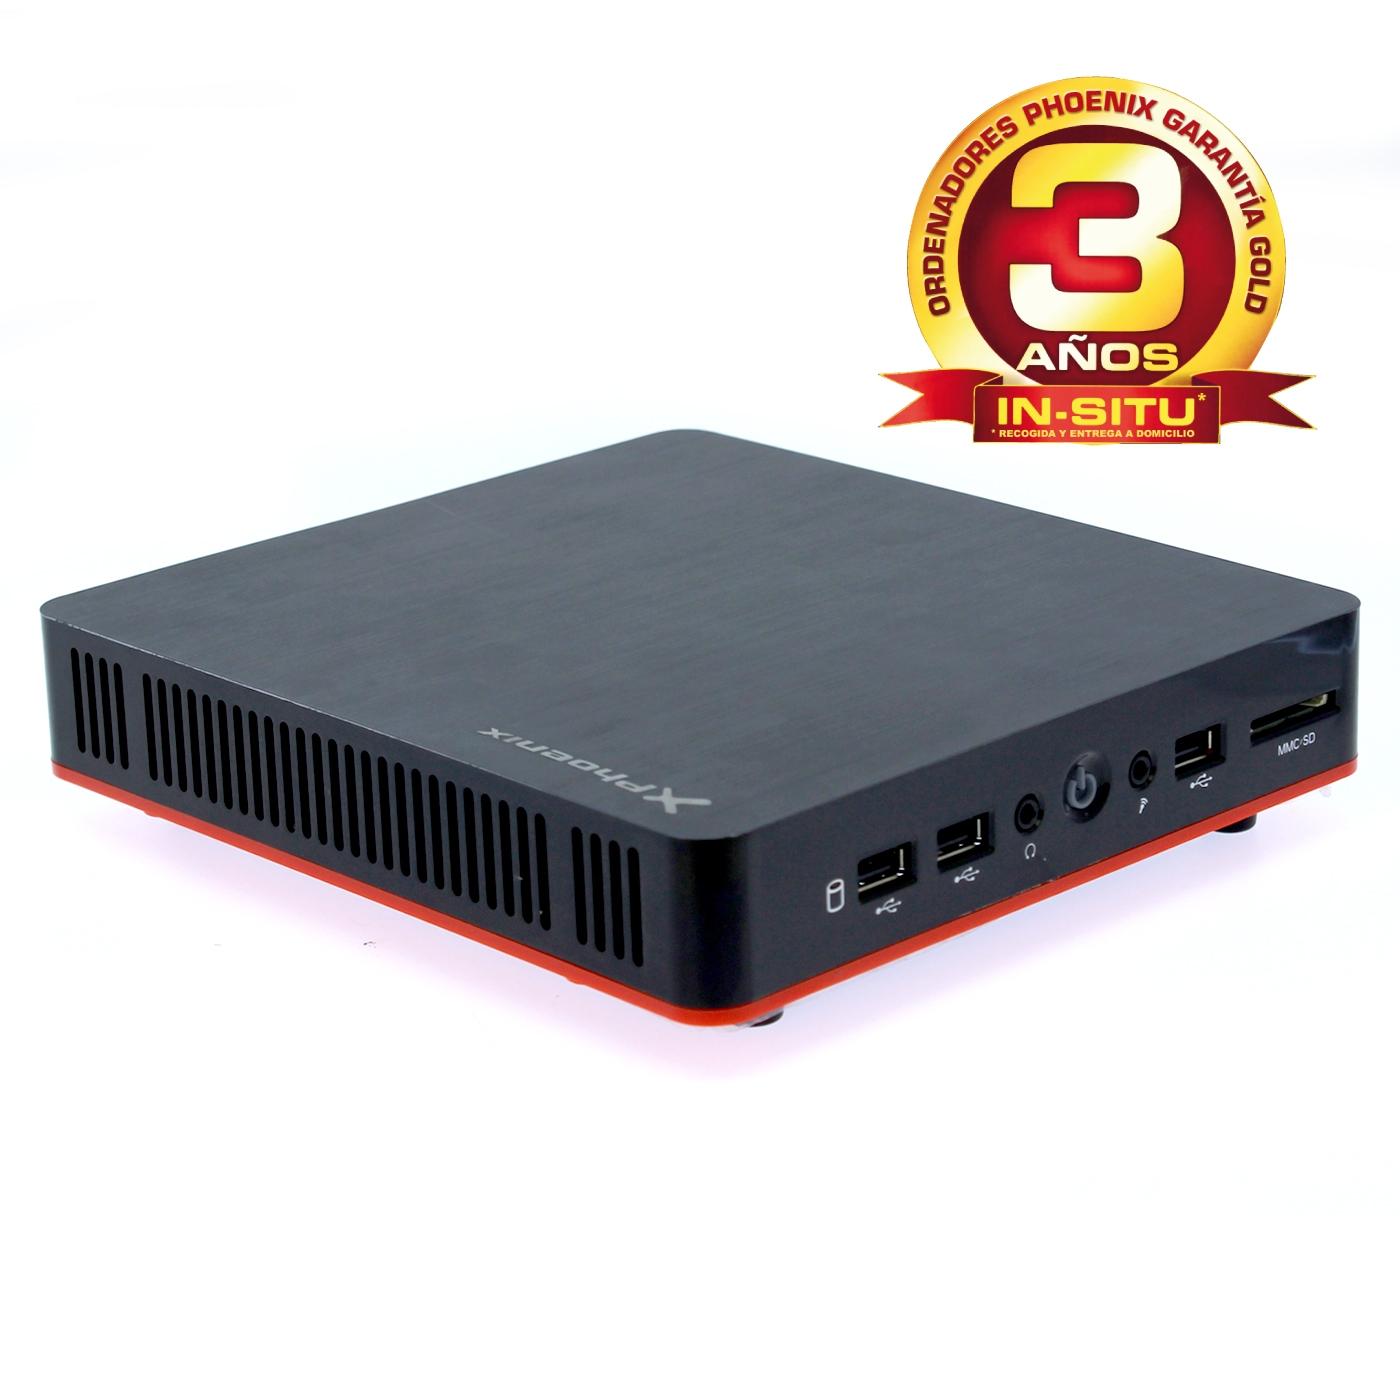 Ordenador Phoenix Compact Intel I3, 4gb Ddr3, 1tb COMPACT3